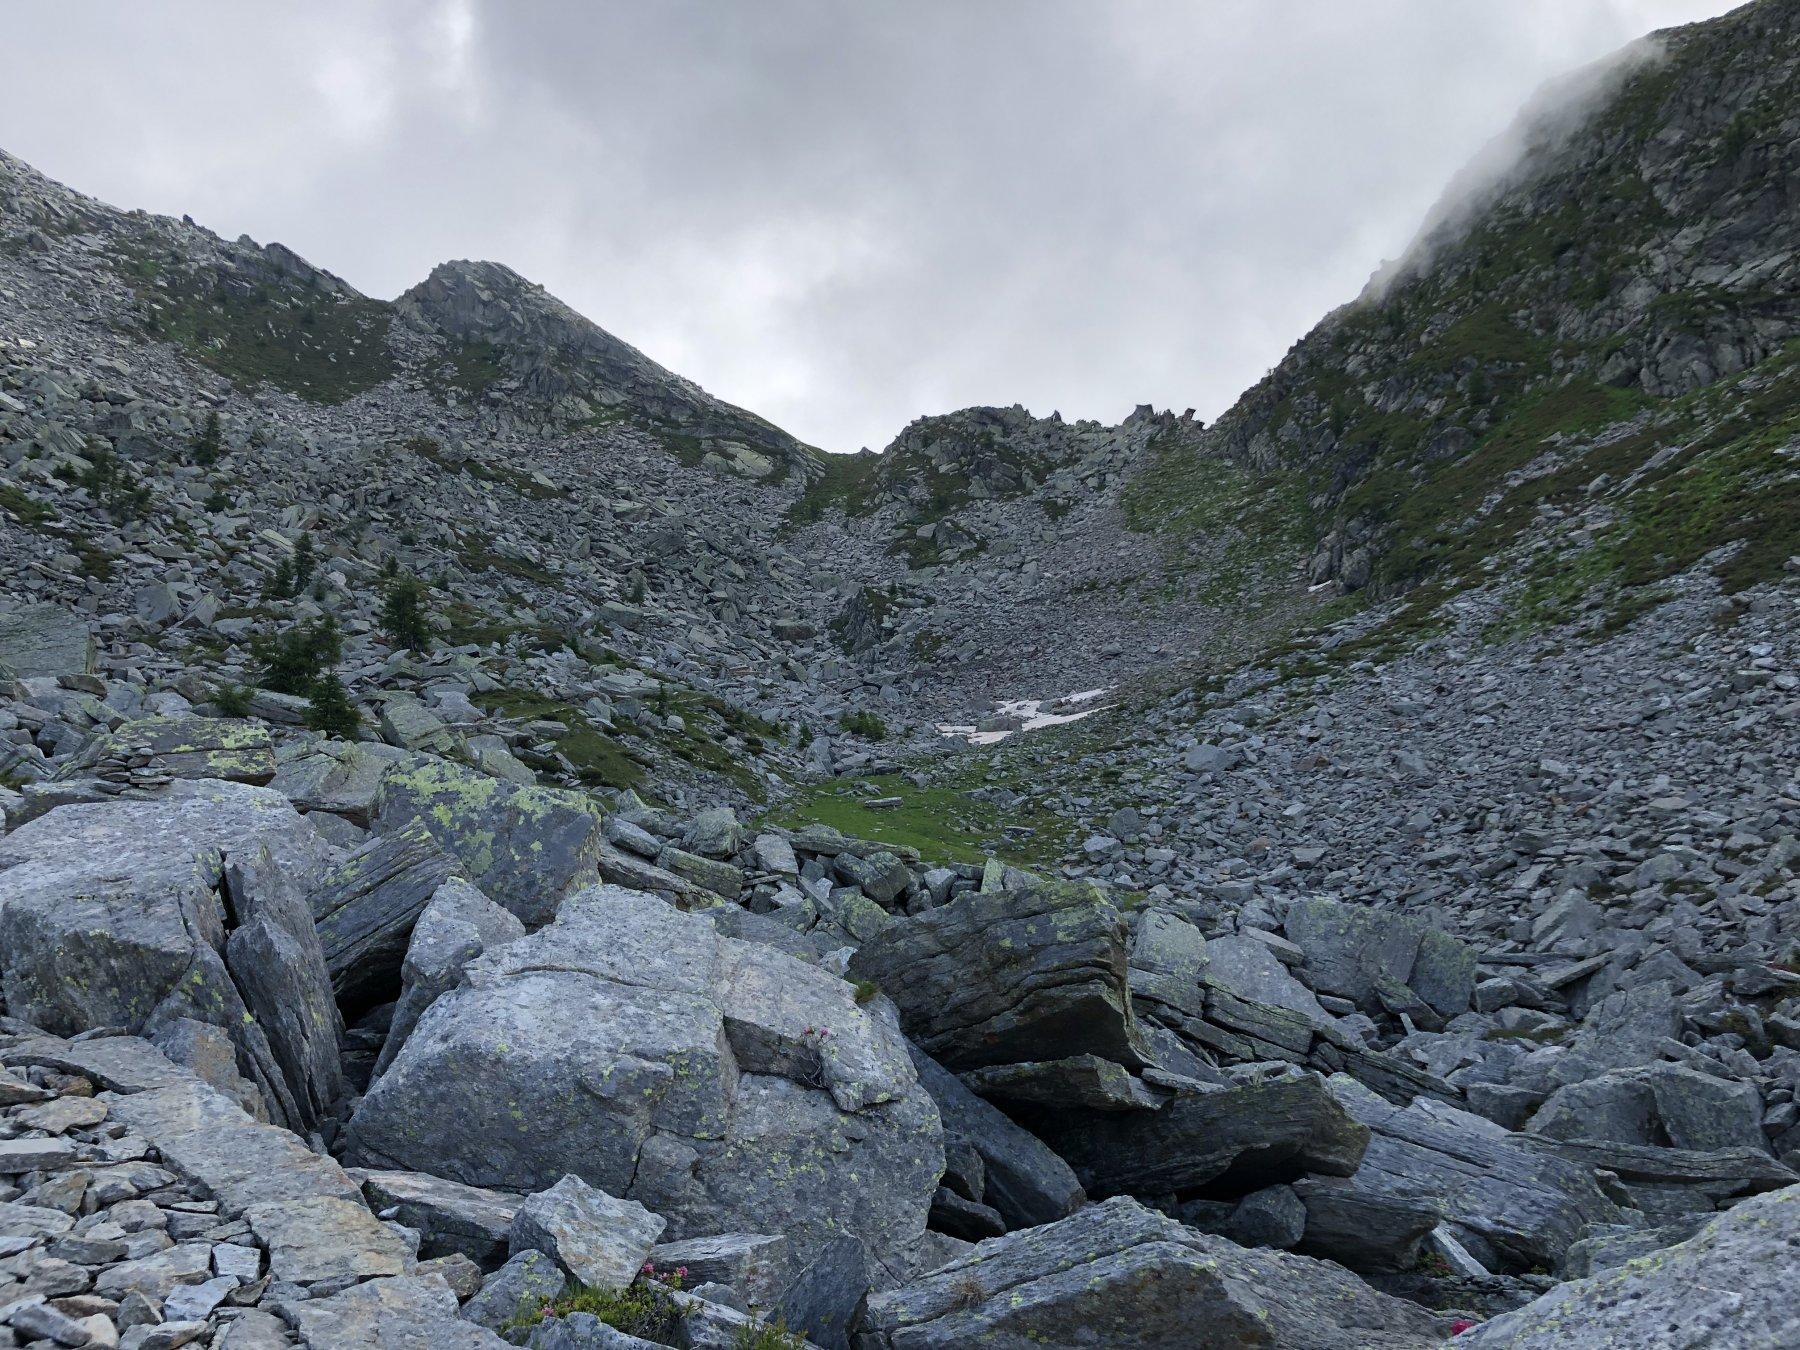 Paesaggio nella parte finale della gita